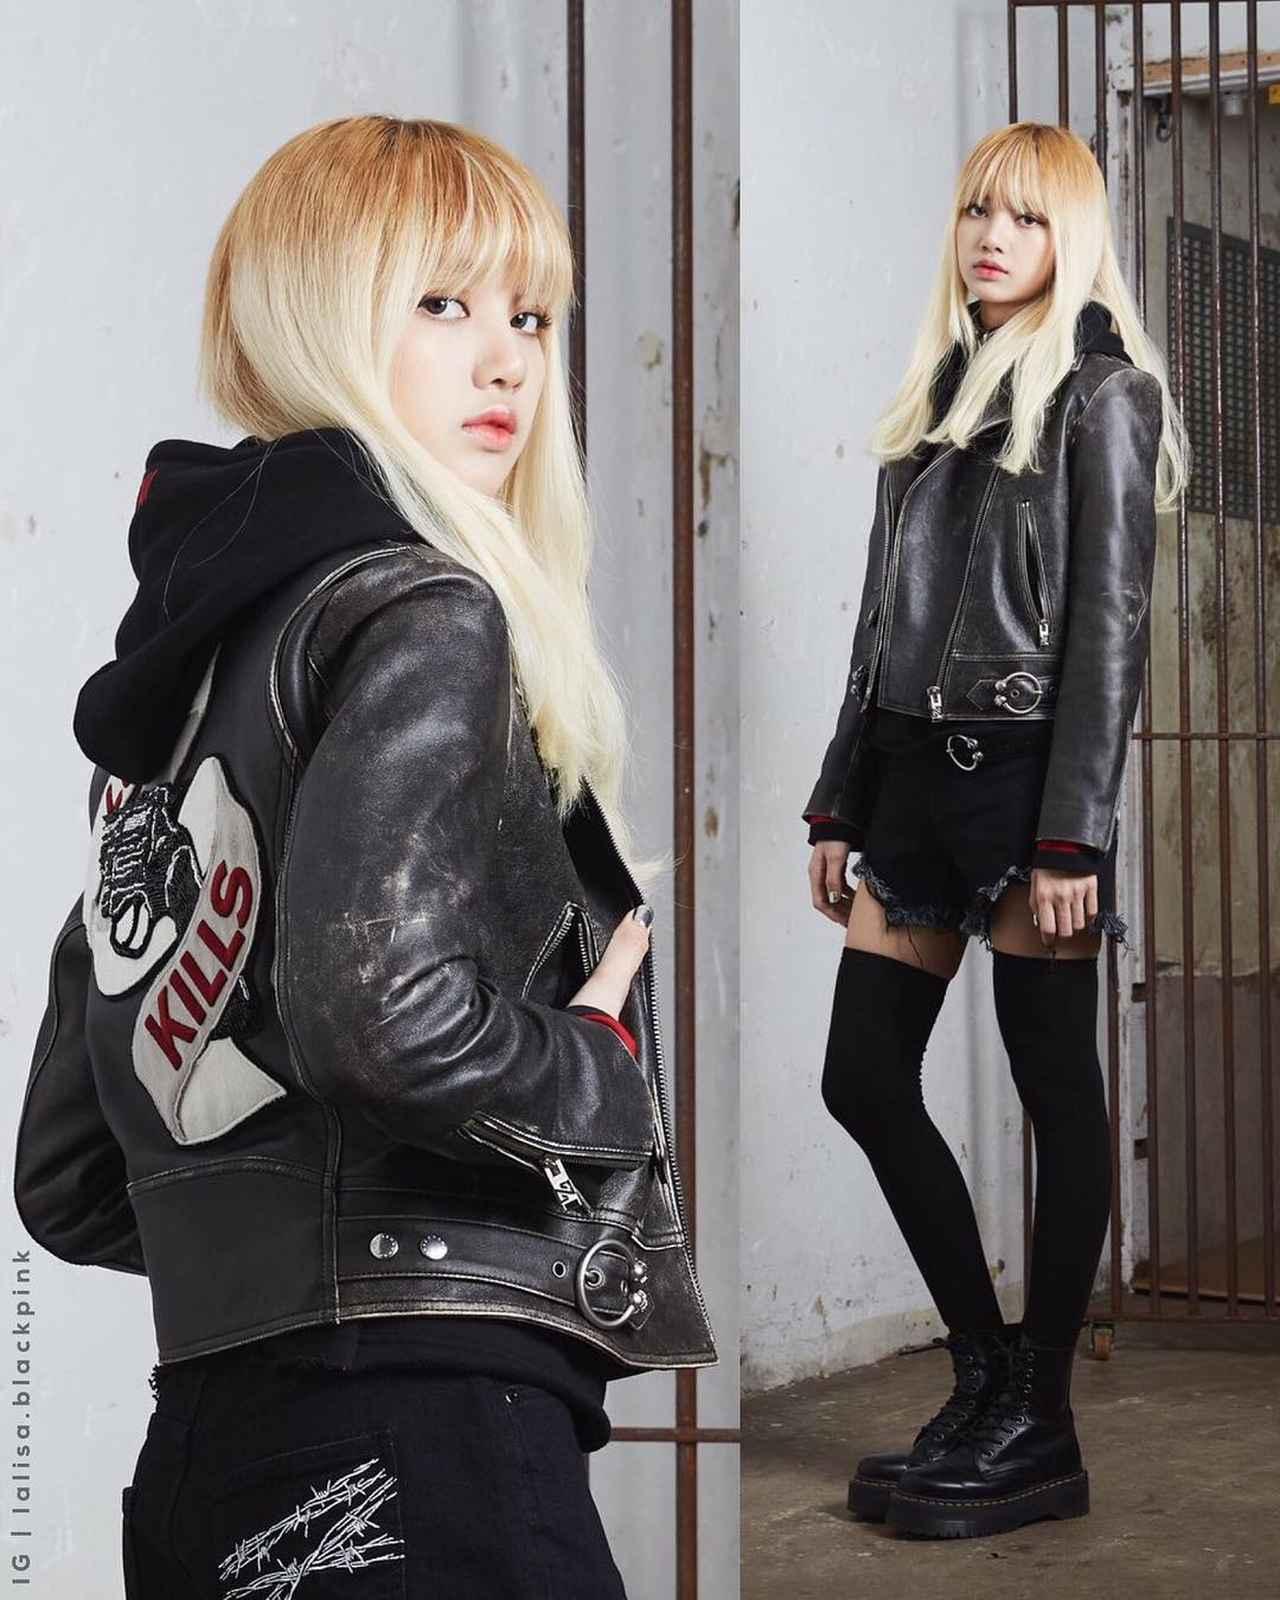 """画像1: BLACKPINK'S LISA 리사さんはInstagramを利用しています:「♡ Lisa invented leather jackets . [170615] NONA9ON 2017 F/W """"Love Kills"""" with Lisa Source: @lalisa.blackpink Image source: nona9on.com」 www.instagram.com"""